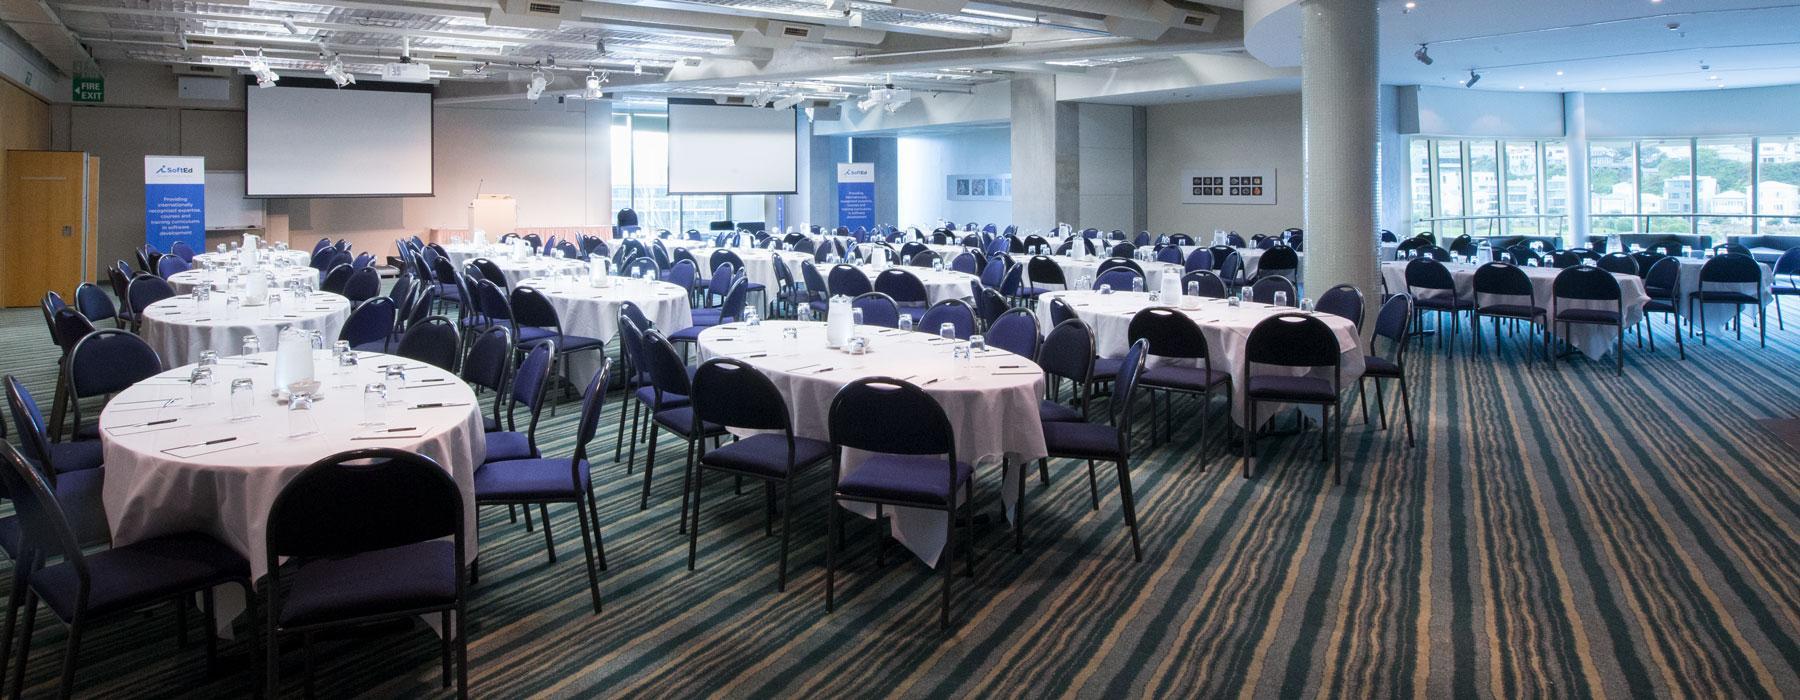 Oceania conference venue Wellington